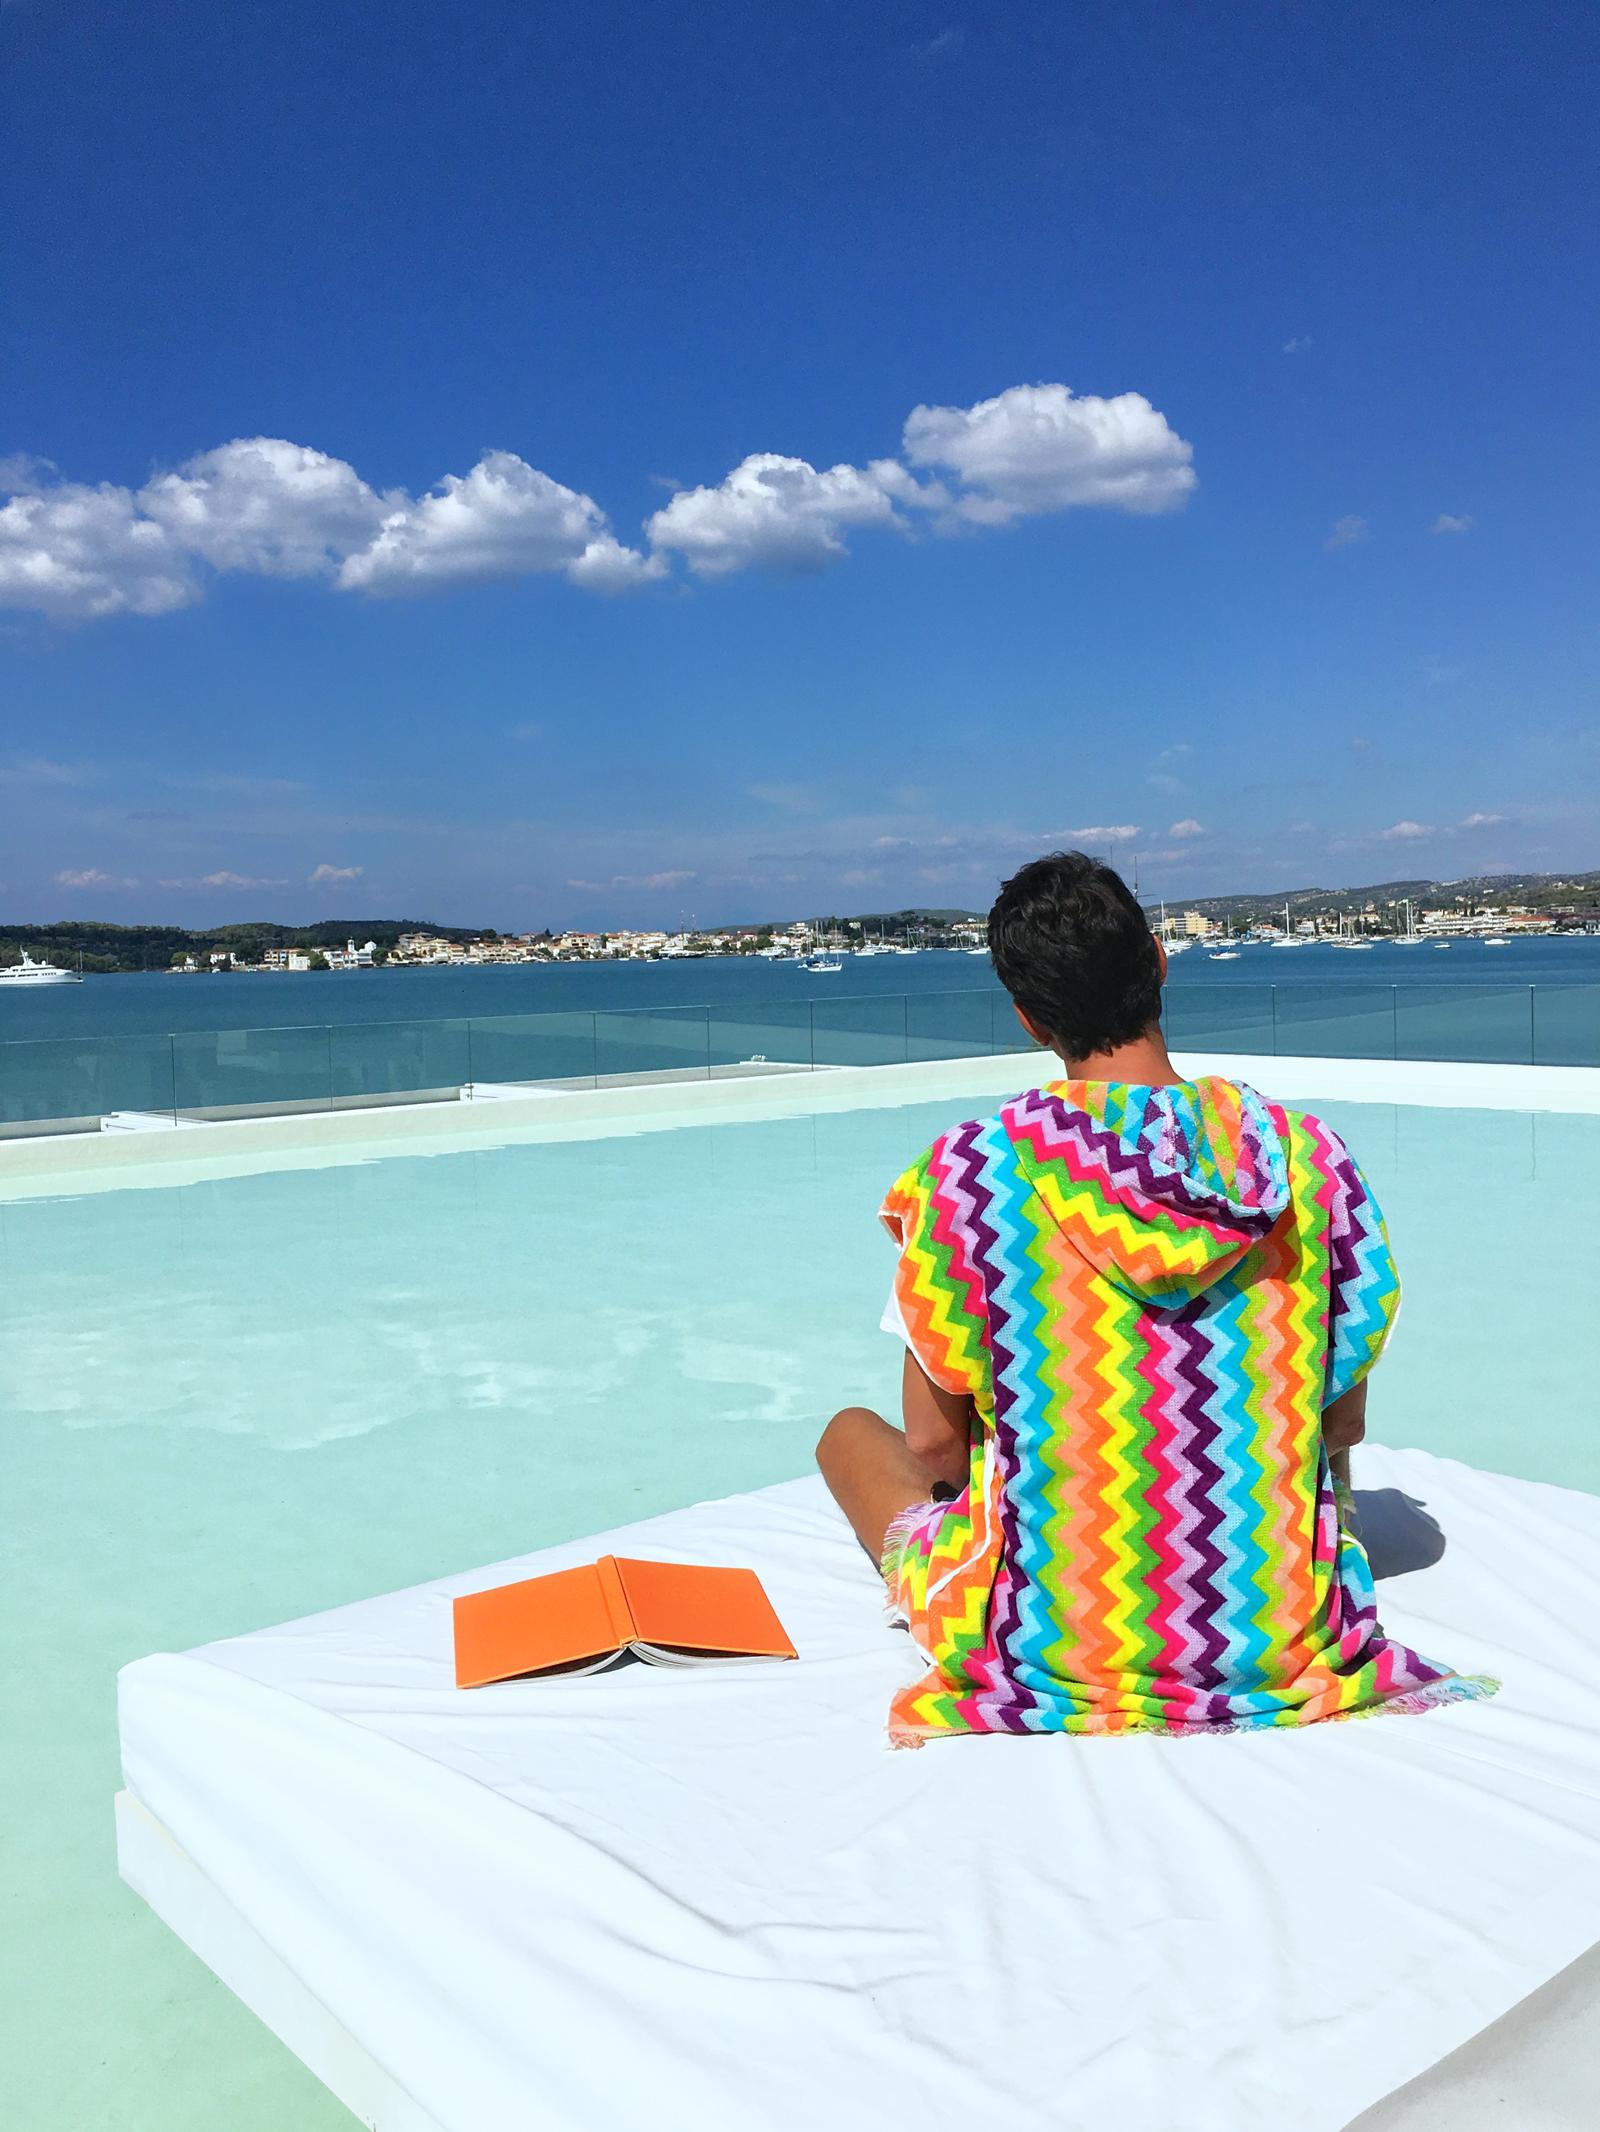 nikki_beach_suite_stylentonic